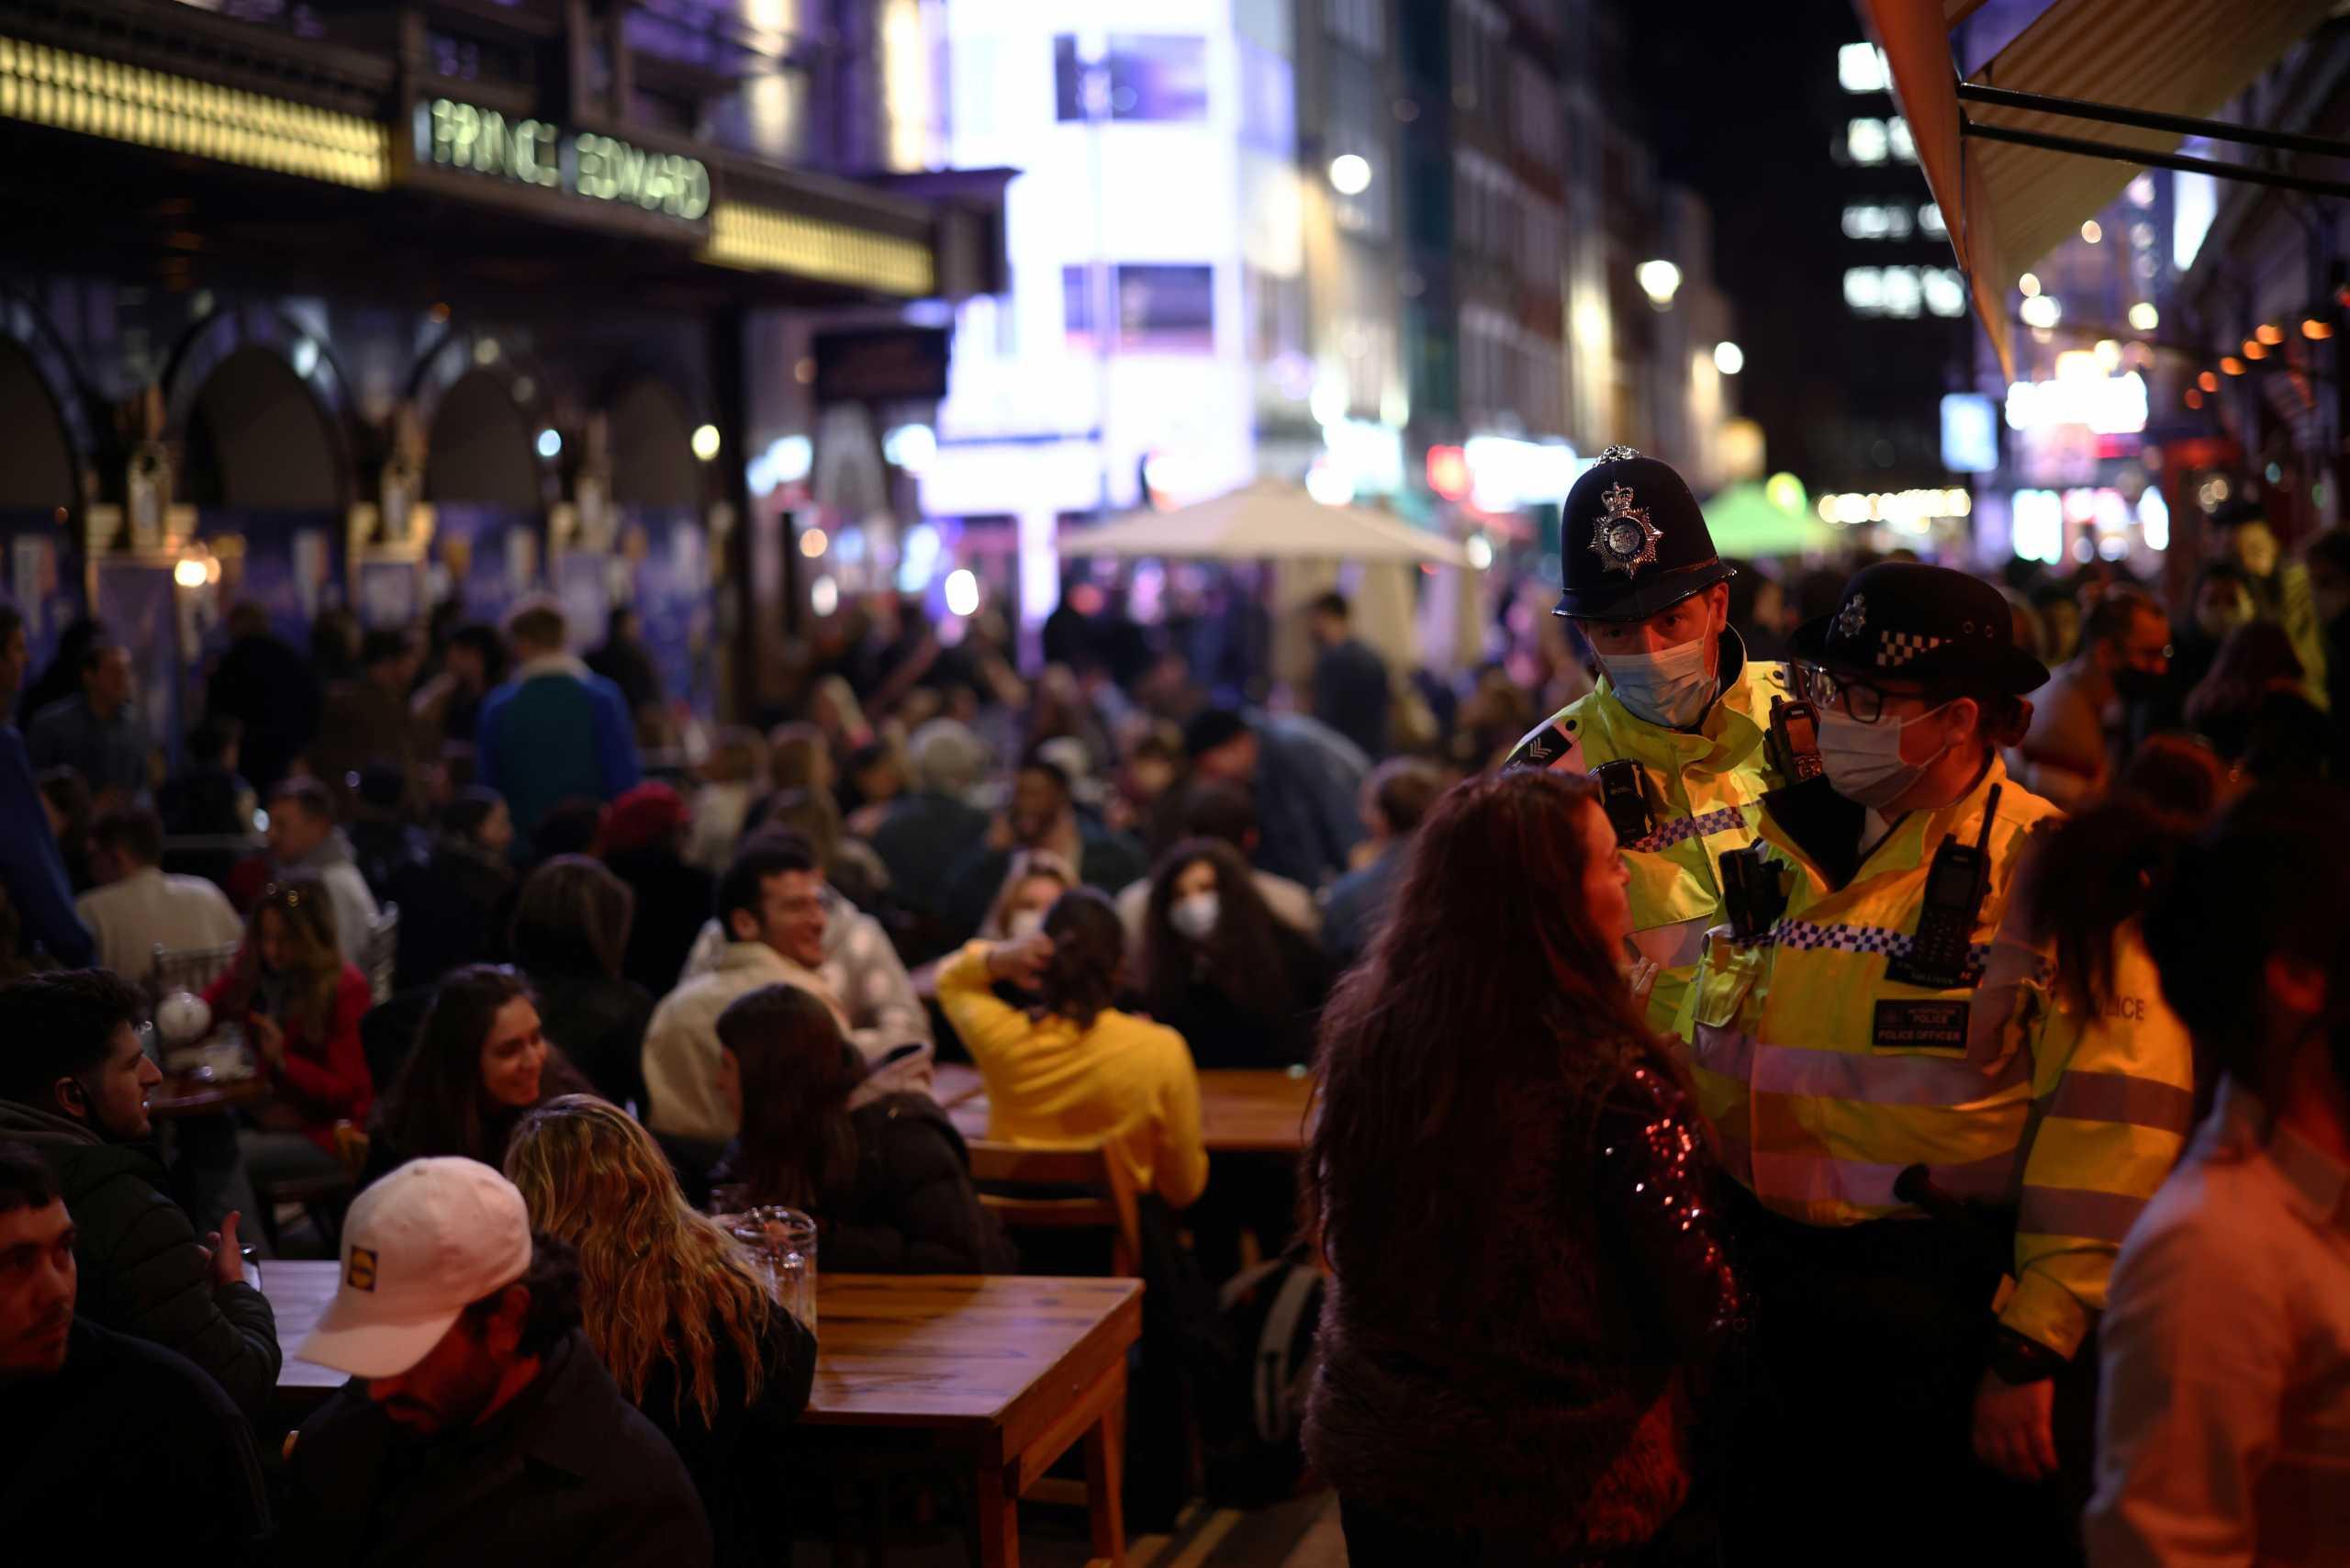 Βρετανία 2.047 κρούσματα κορονοϊού και 5 νεκροί το τελευταίο 24ωρο